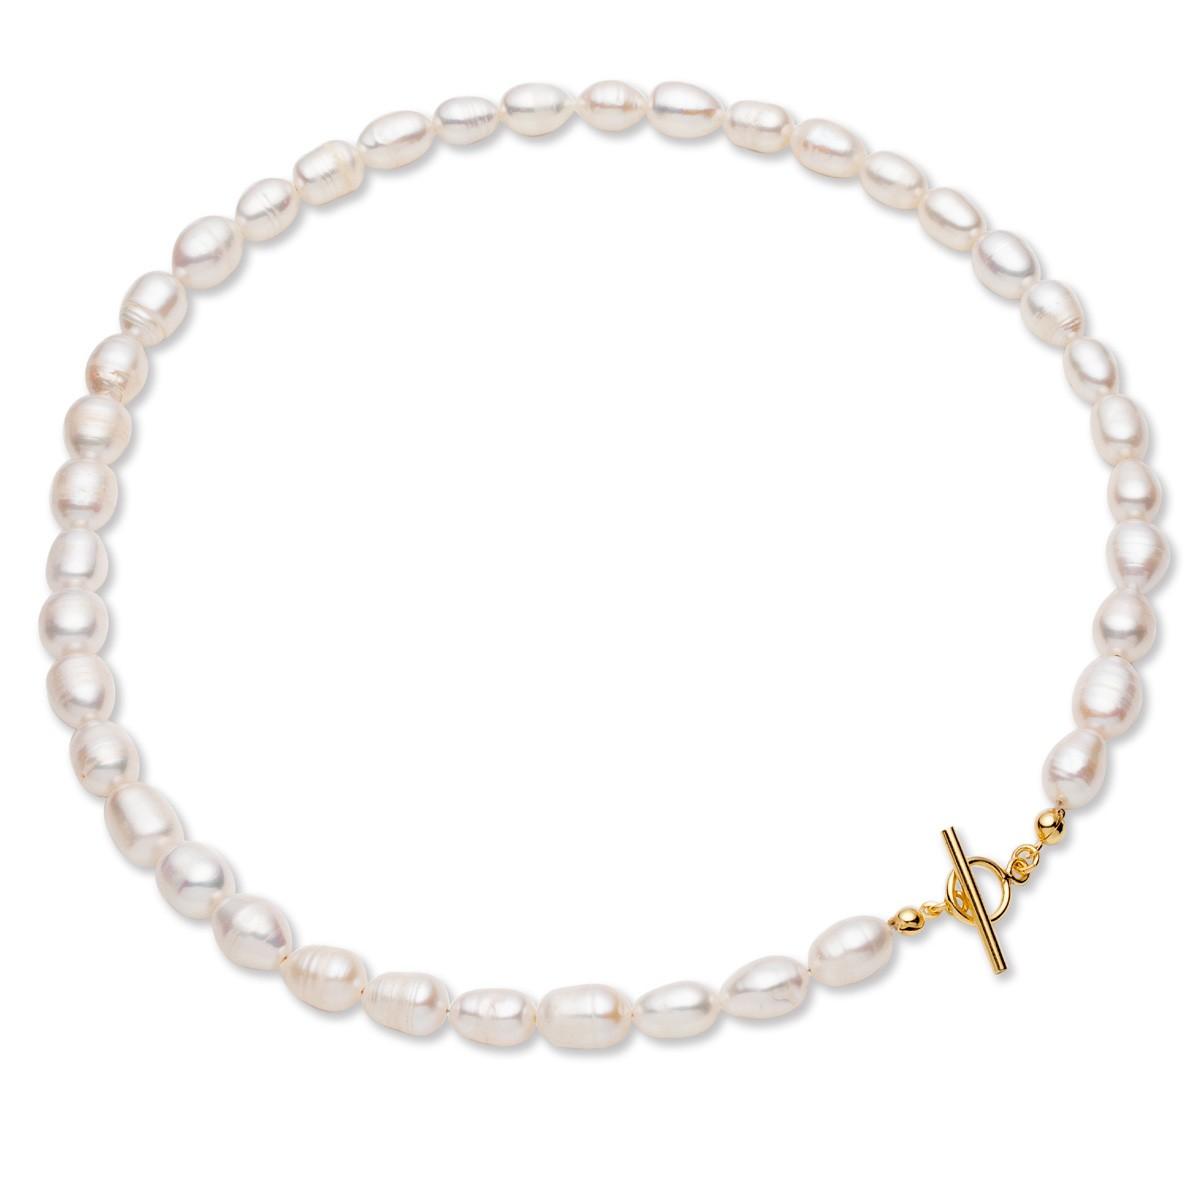 Choker z białych pereł słodkowodnych, srebro 925